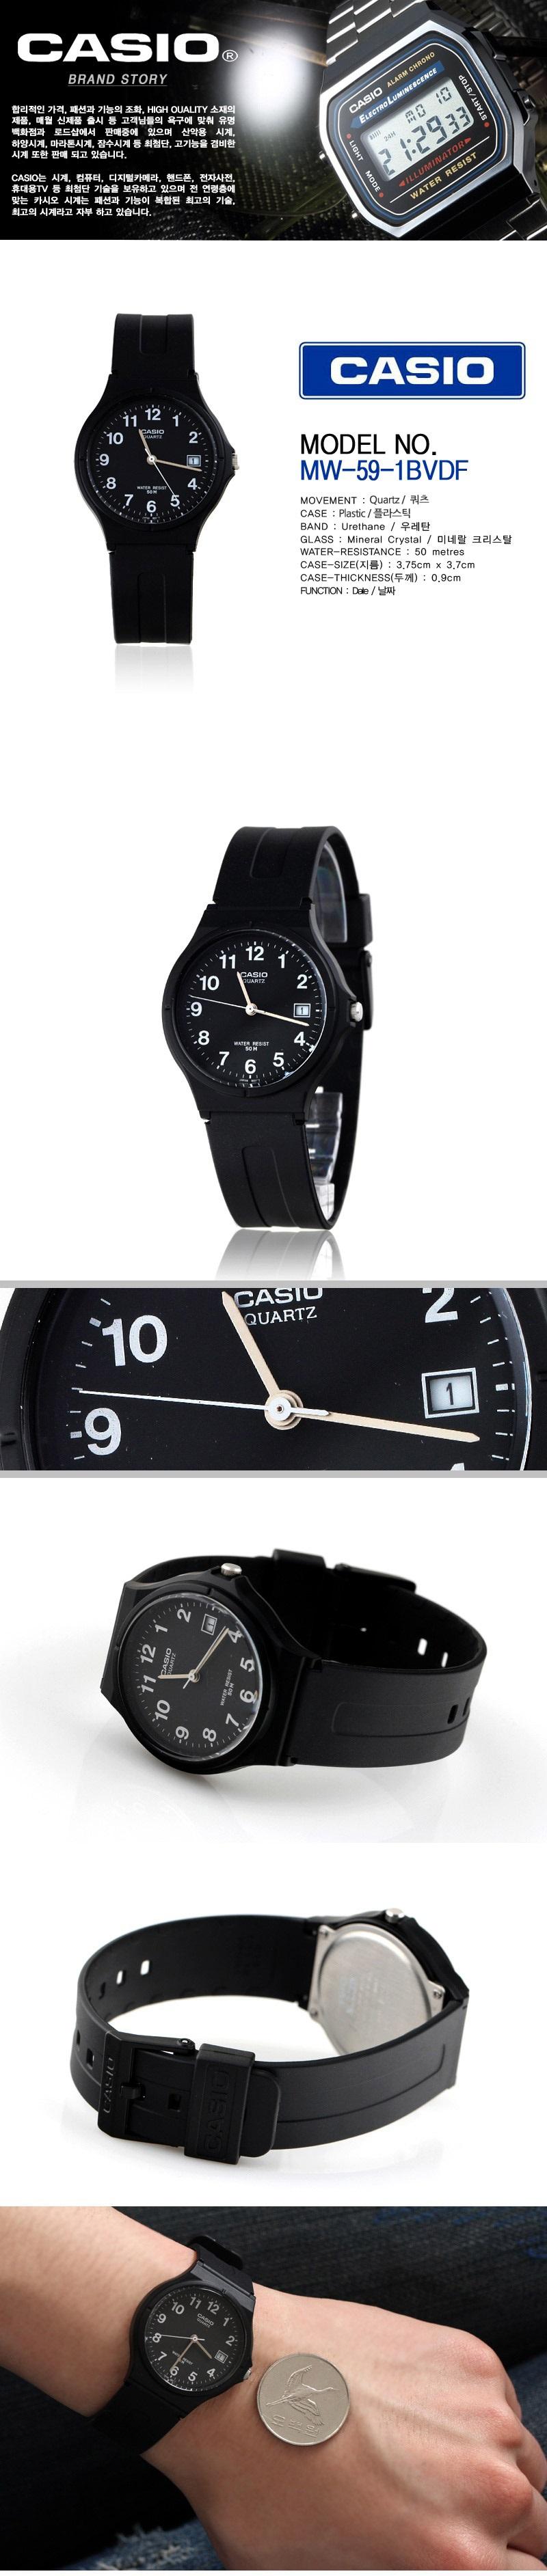 카시오 CASIO MW-59-1BVDF (MW-59-1B) 아날로그 남성 우레탄시계 37.5X37mm